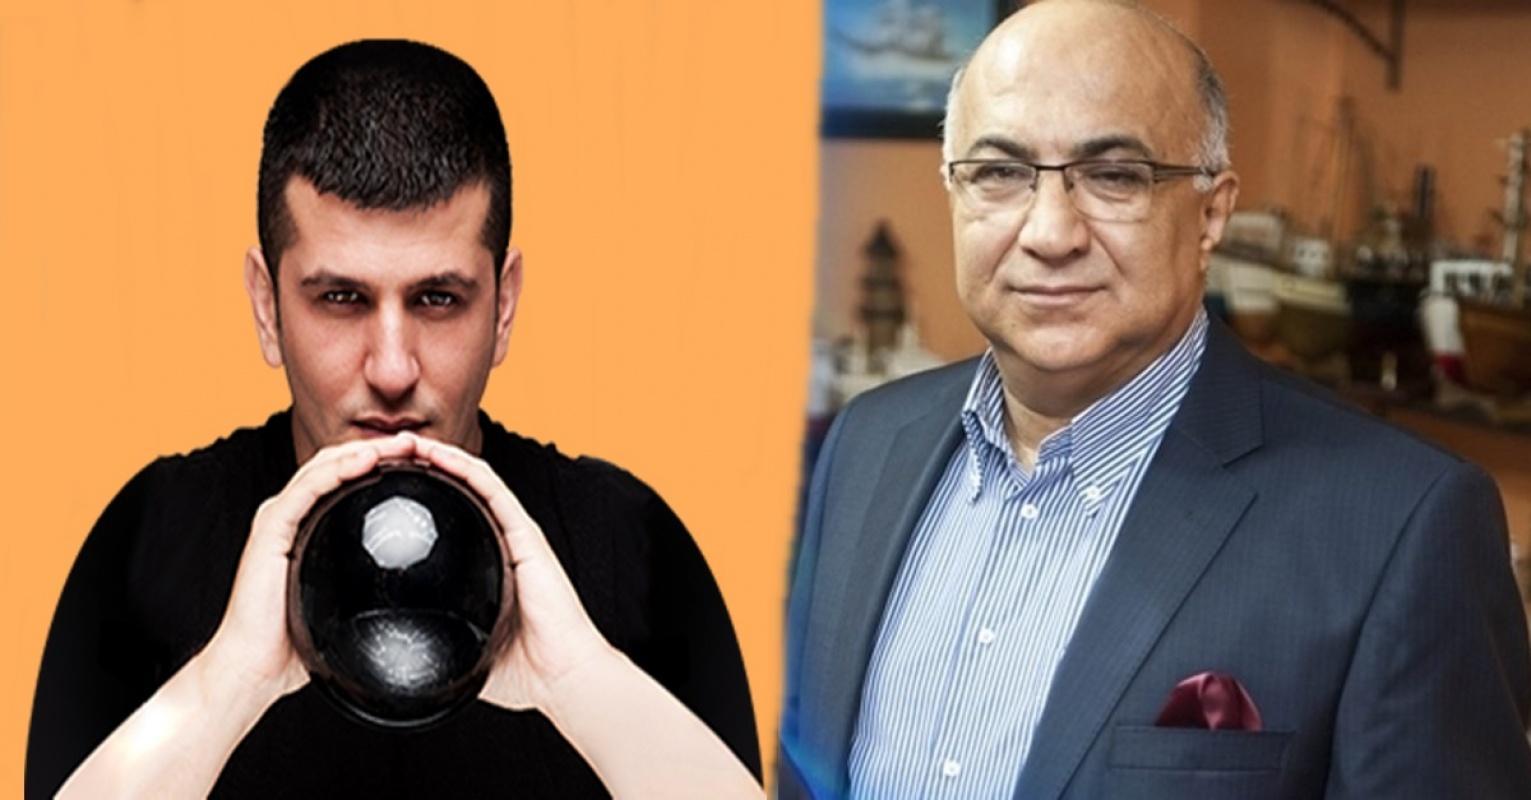 Kırmızı Oda Astrolog Dinçer ile Psikiyatrist Arif Verimli'yi karşı karşıya getirdi